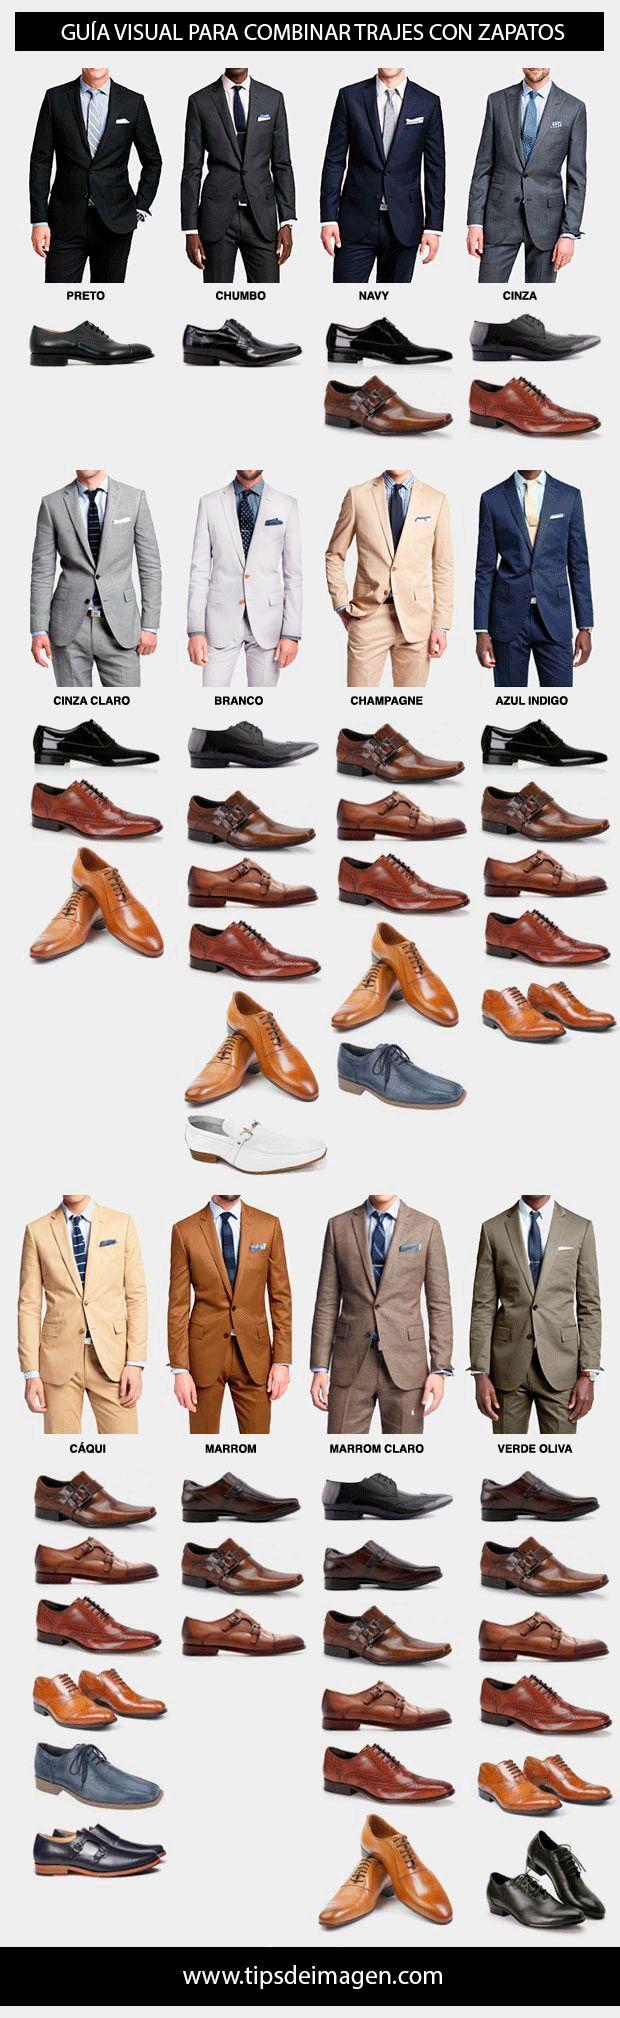 combinación-de-zapatos-trajes